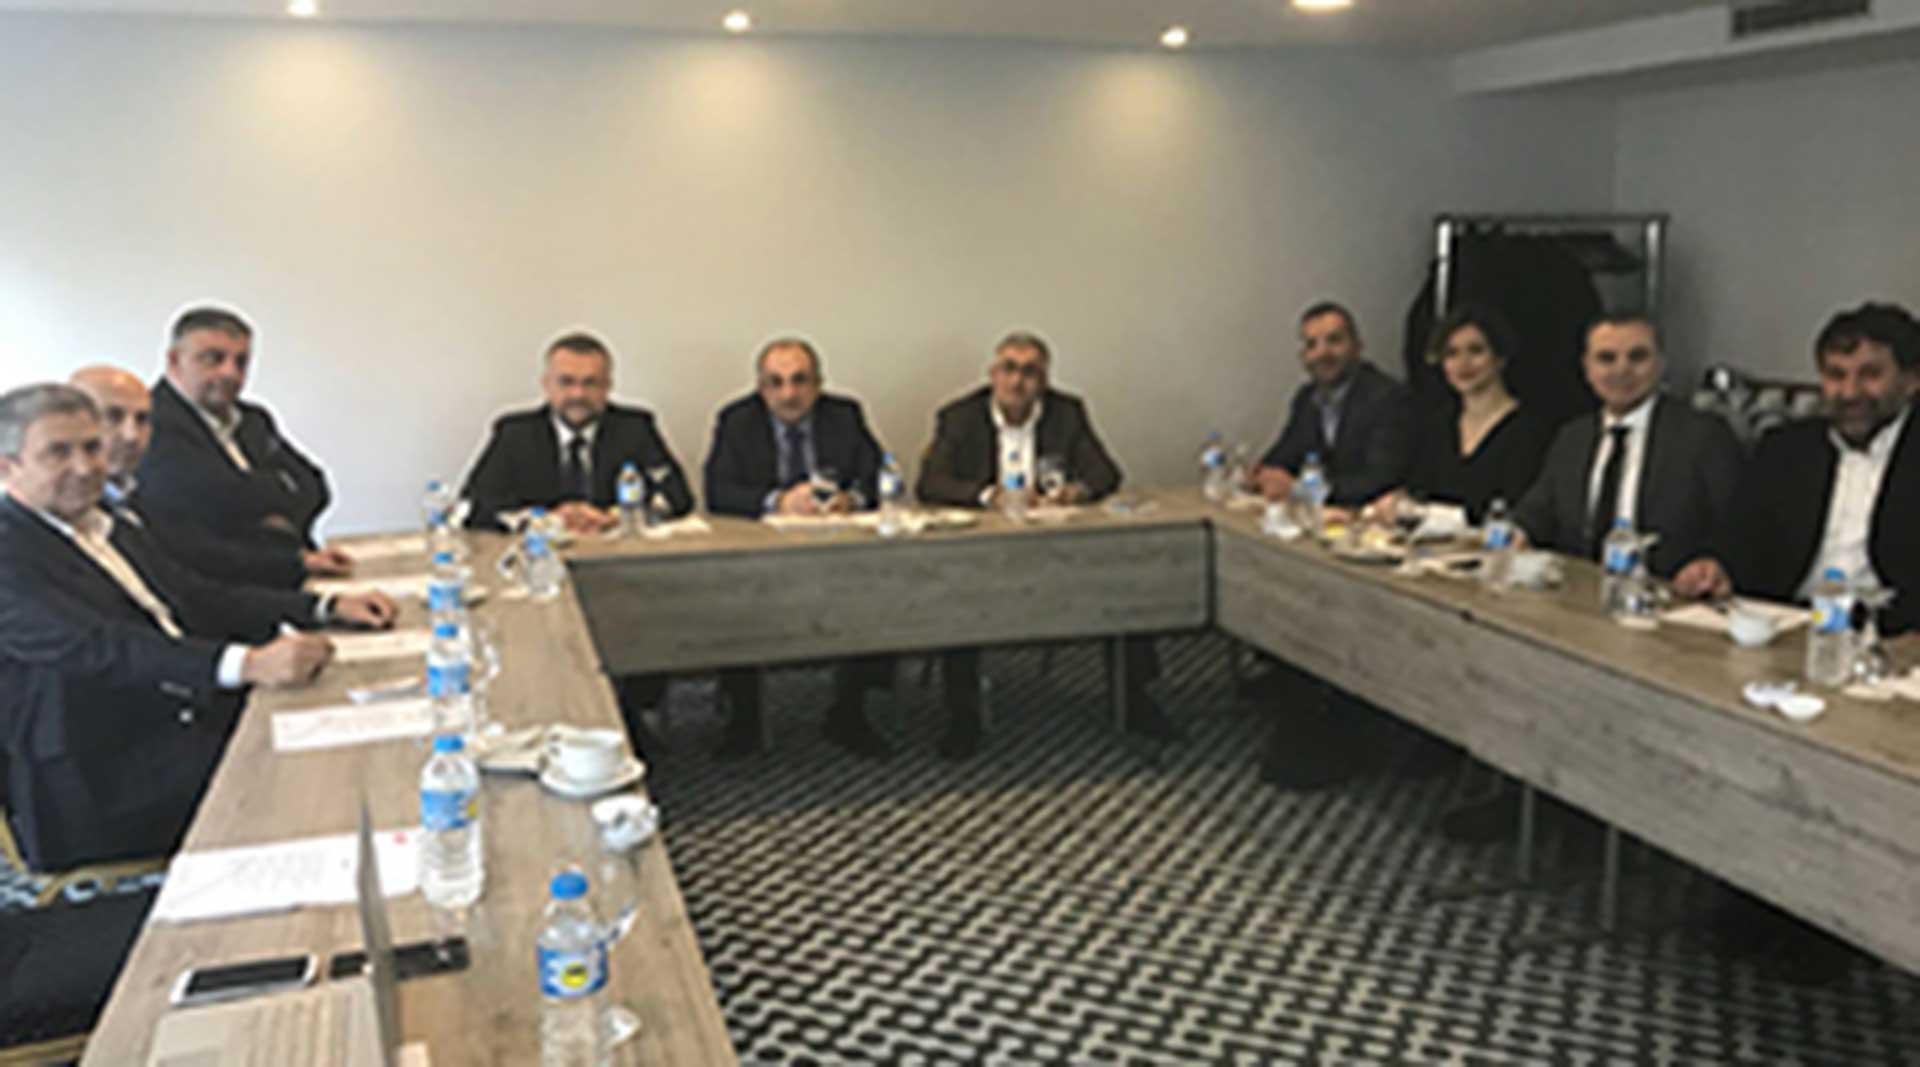 TÜMDEF 14. Yönetim Kurulu Toplantısı 3 Mart'ta İstanbul'da gerçekleştirildi.